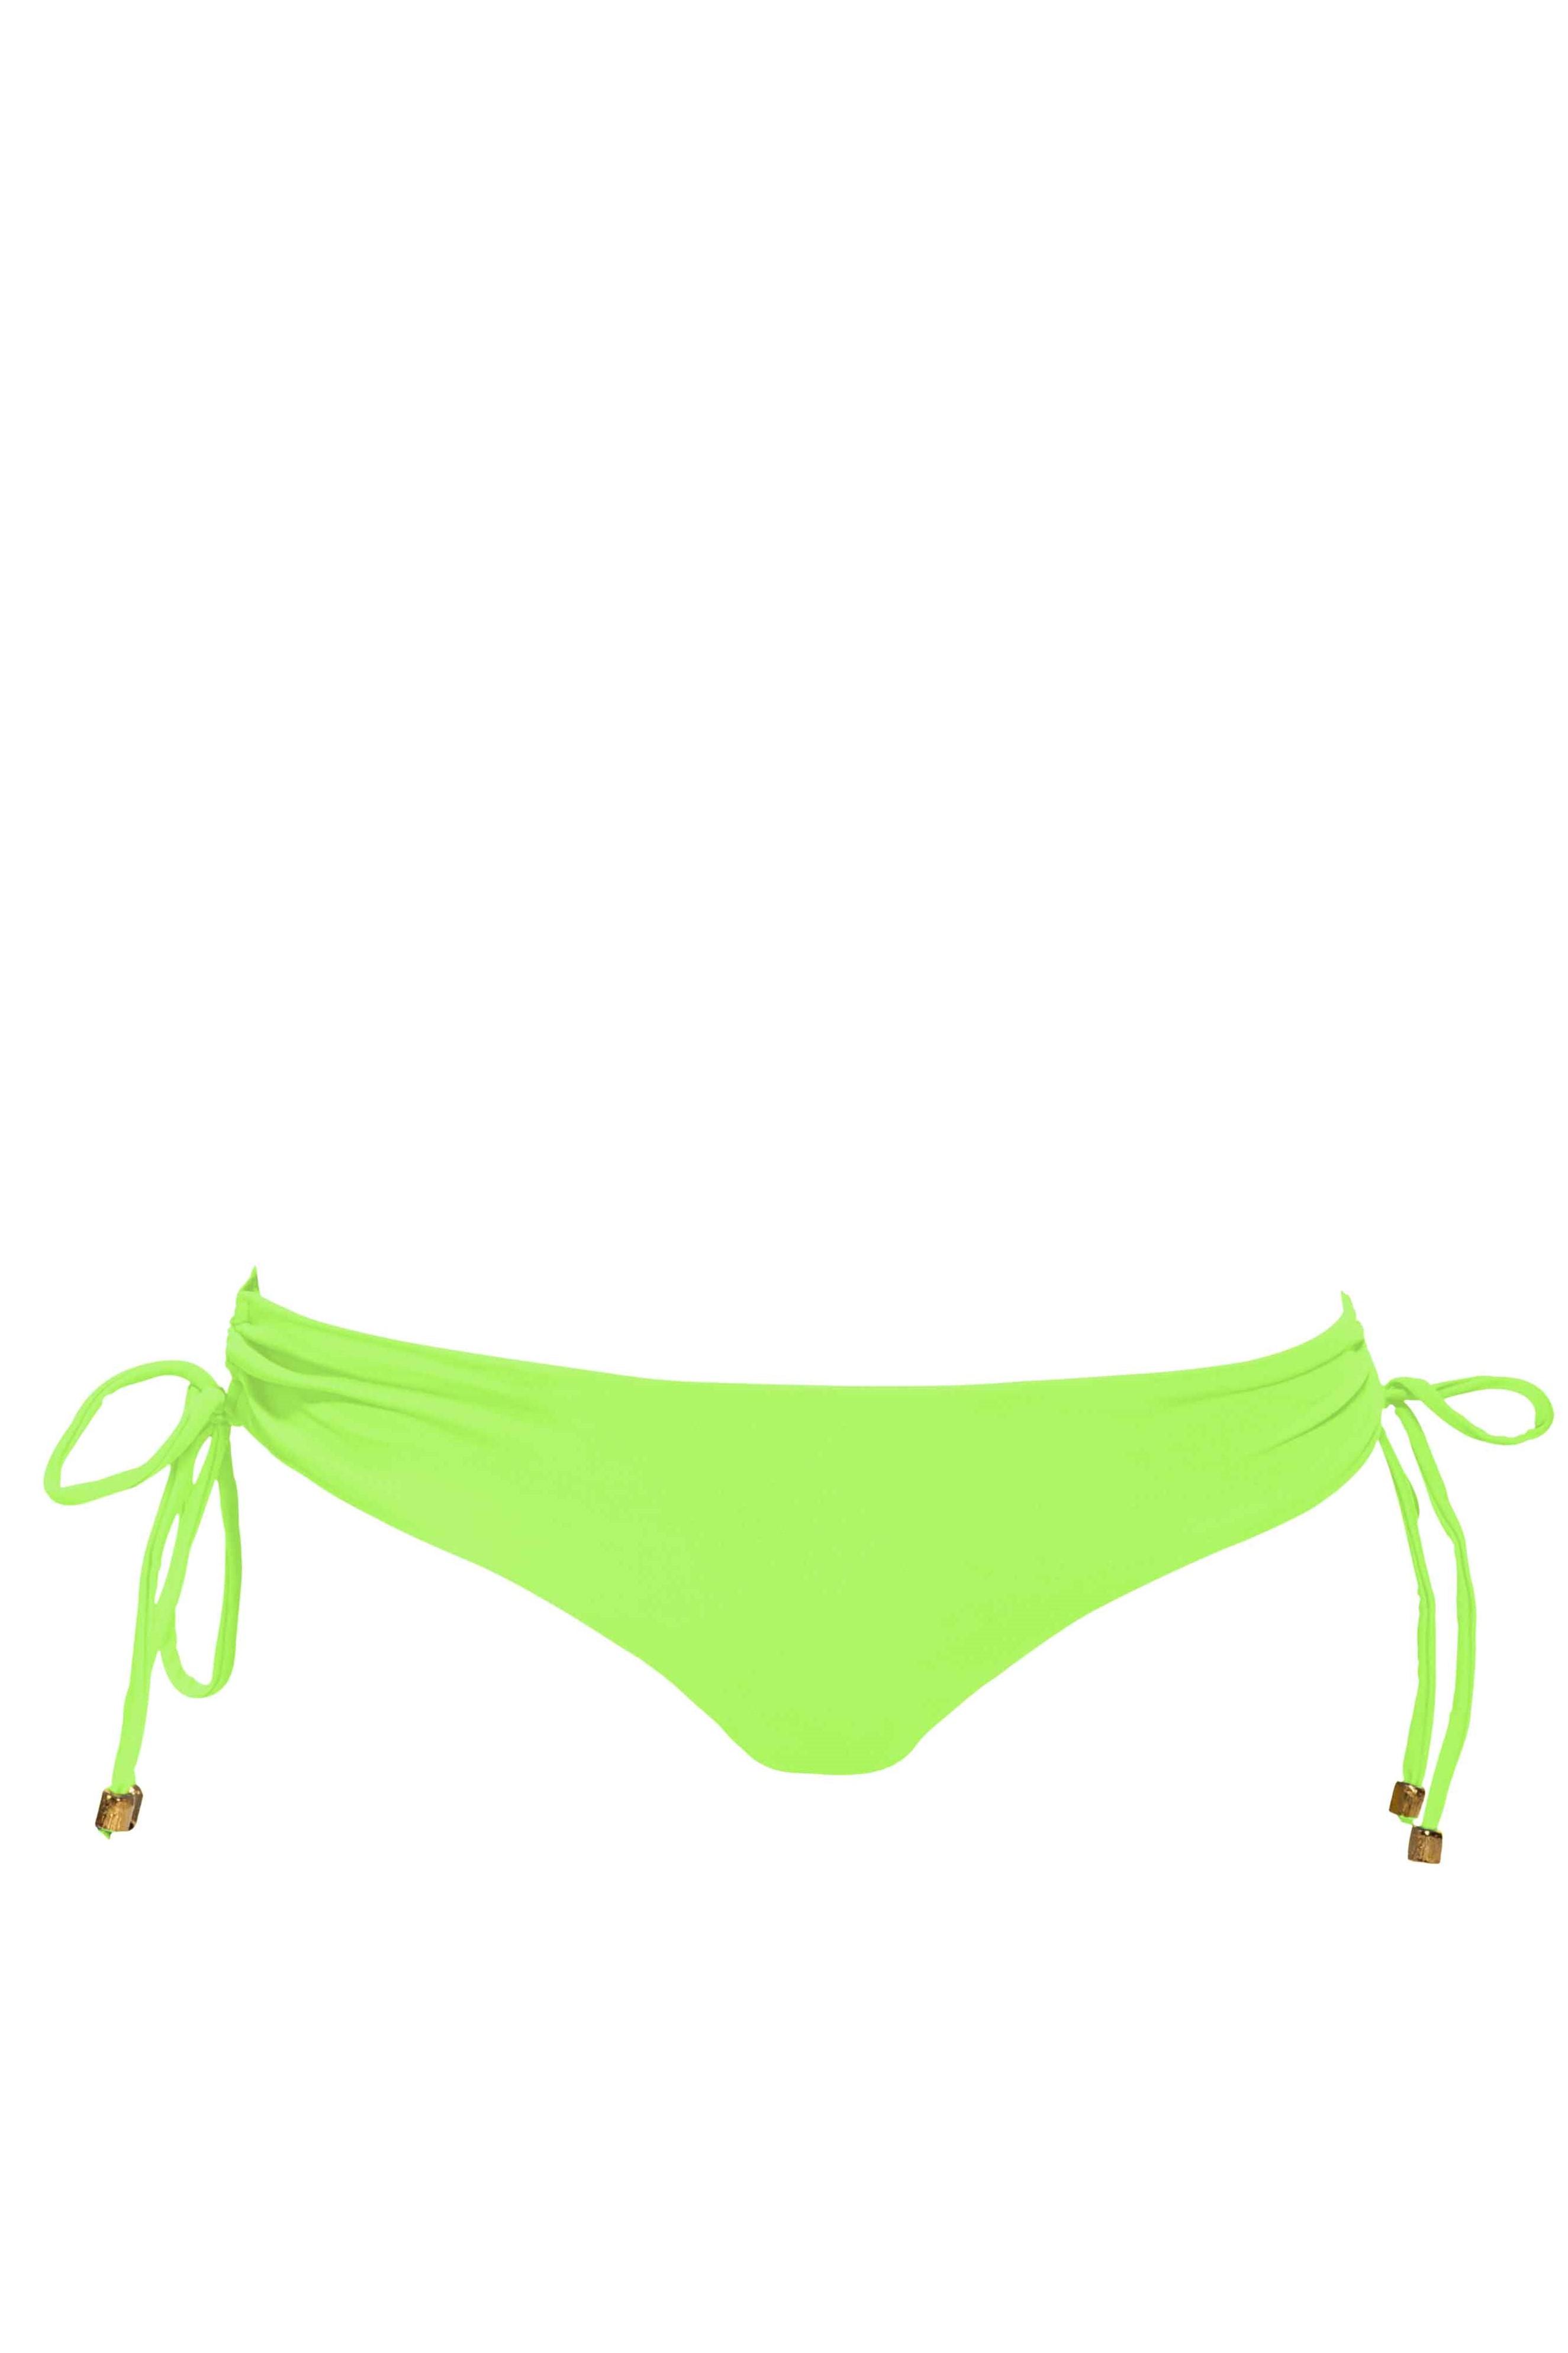 Phax Neon Groen Cheeky bikini broekje